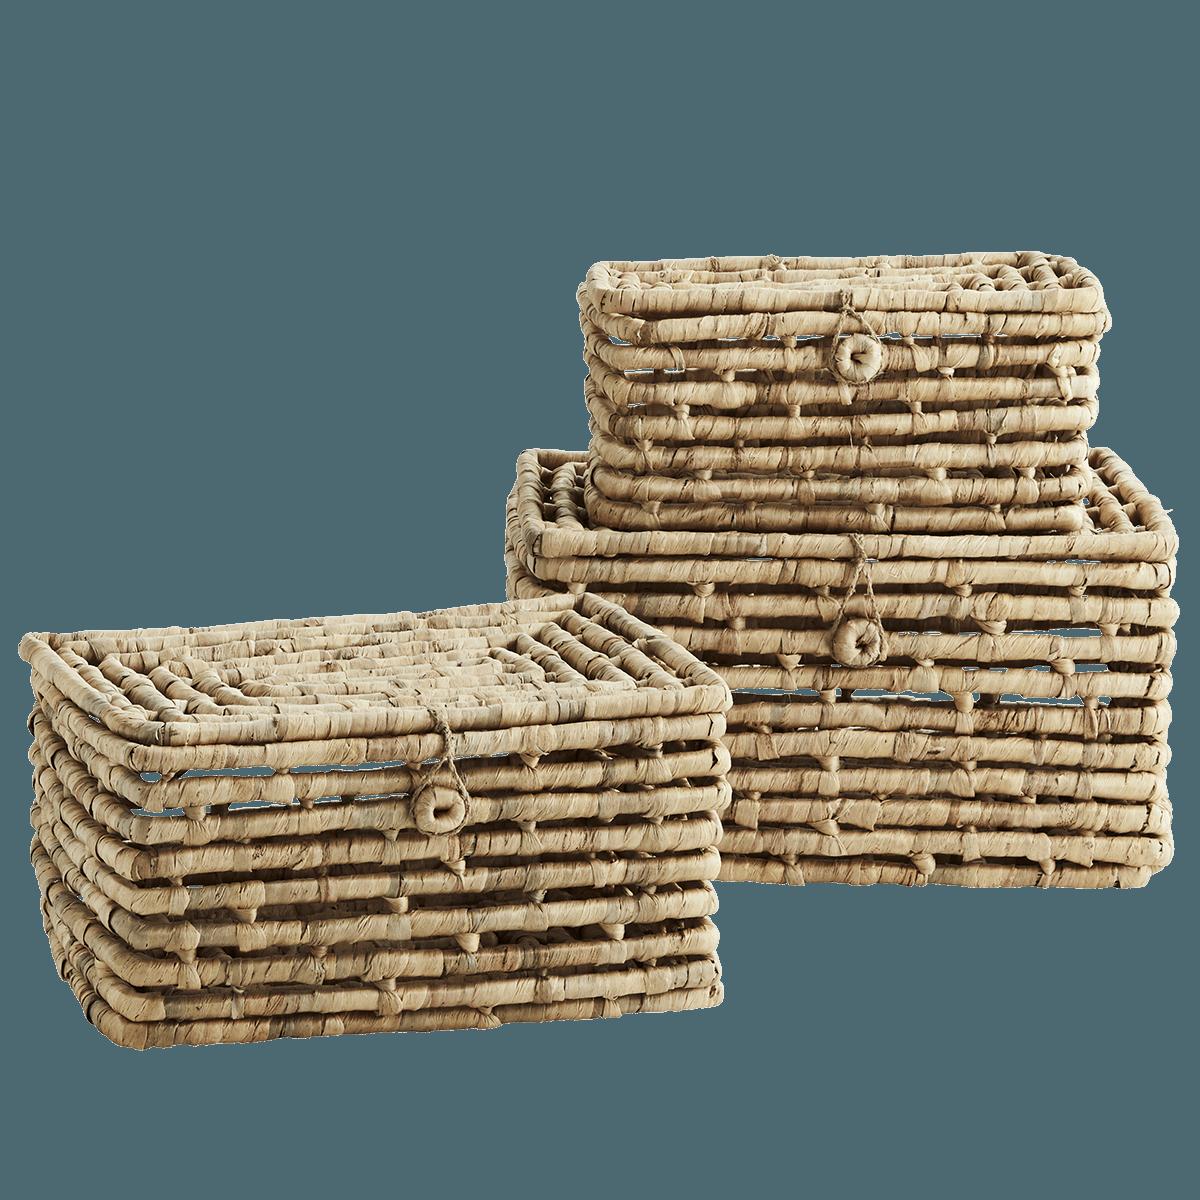 3er Set Kisten Mit Deckel Mehrfarbig Aus Seegras Fur 141 99 Nbsp Euro Dieses Set Aus Seegraskastchen Passt Nicht Nur Ins Badezimmer In 2020 Deckel Kisten Kasten